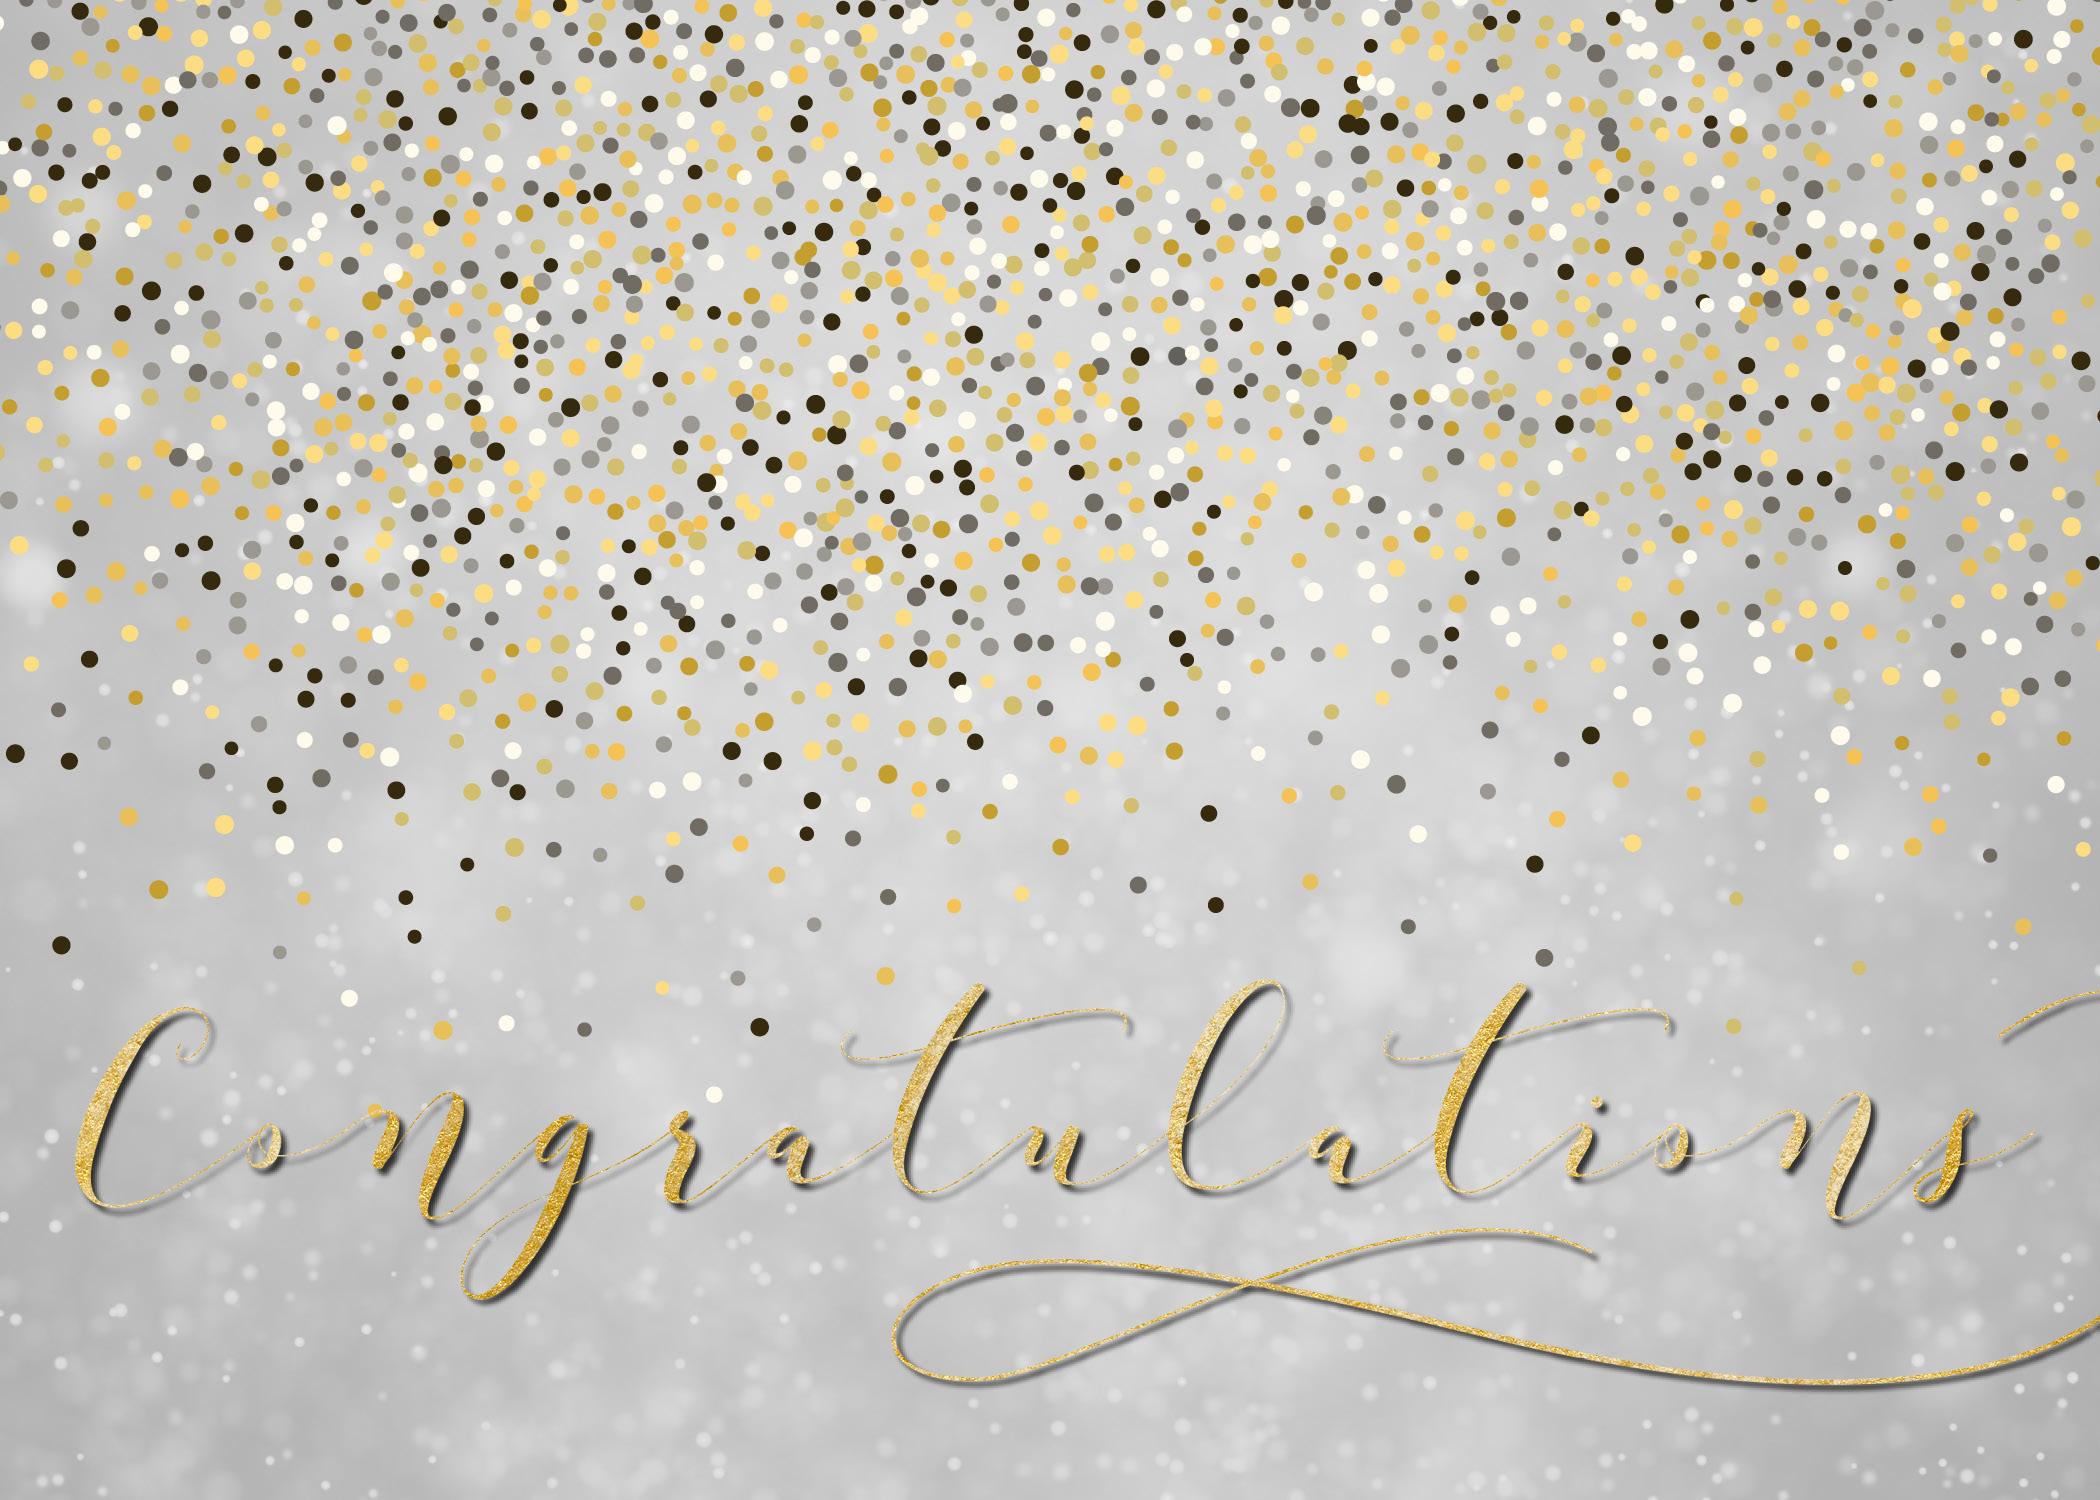 C2002 - Congratulations Confetti